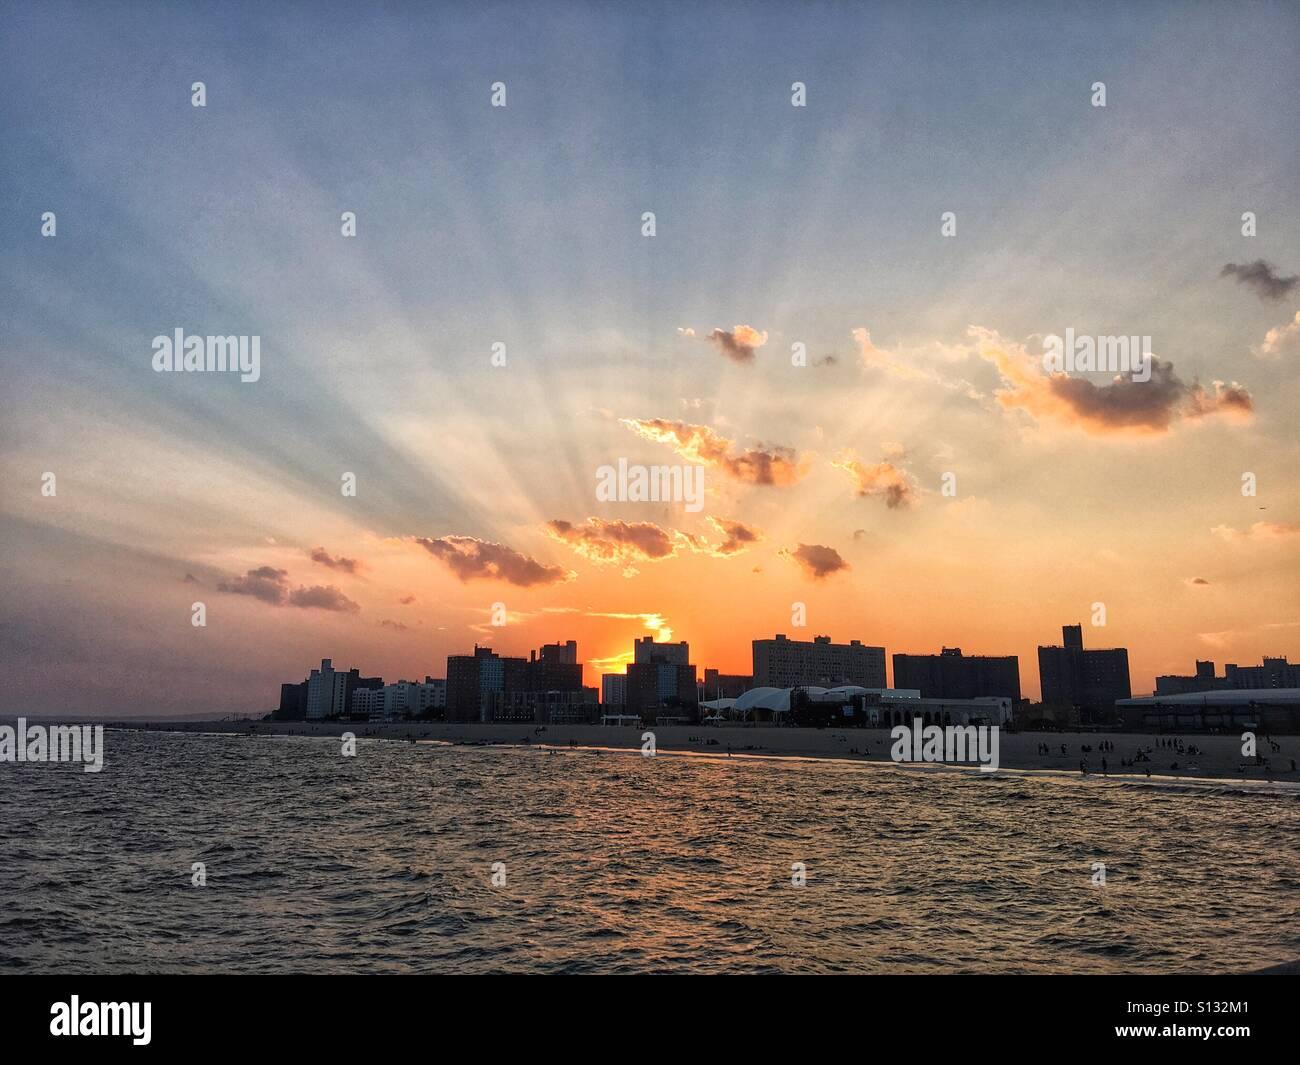 Coney Island Sunset - Stock Image